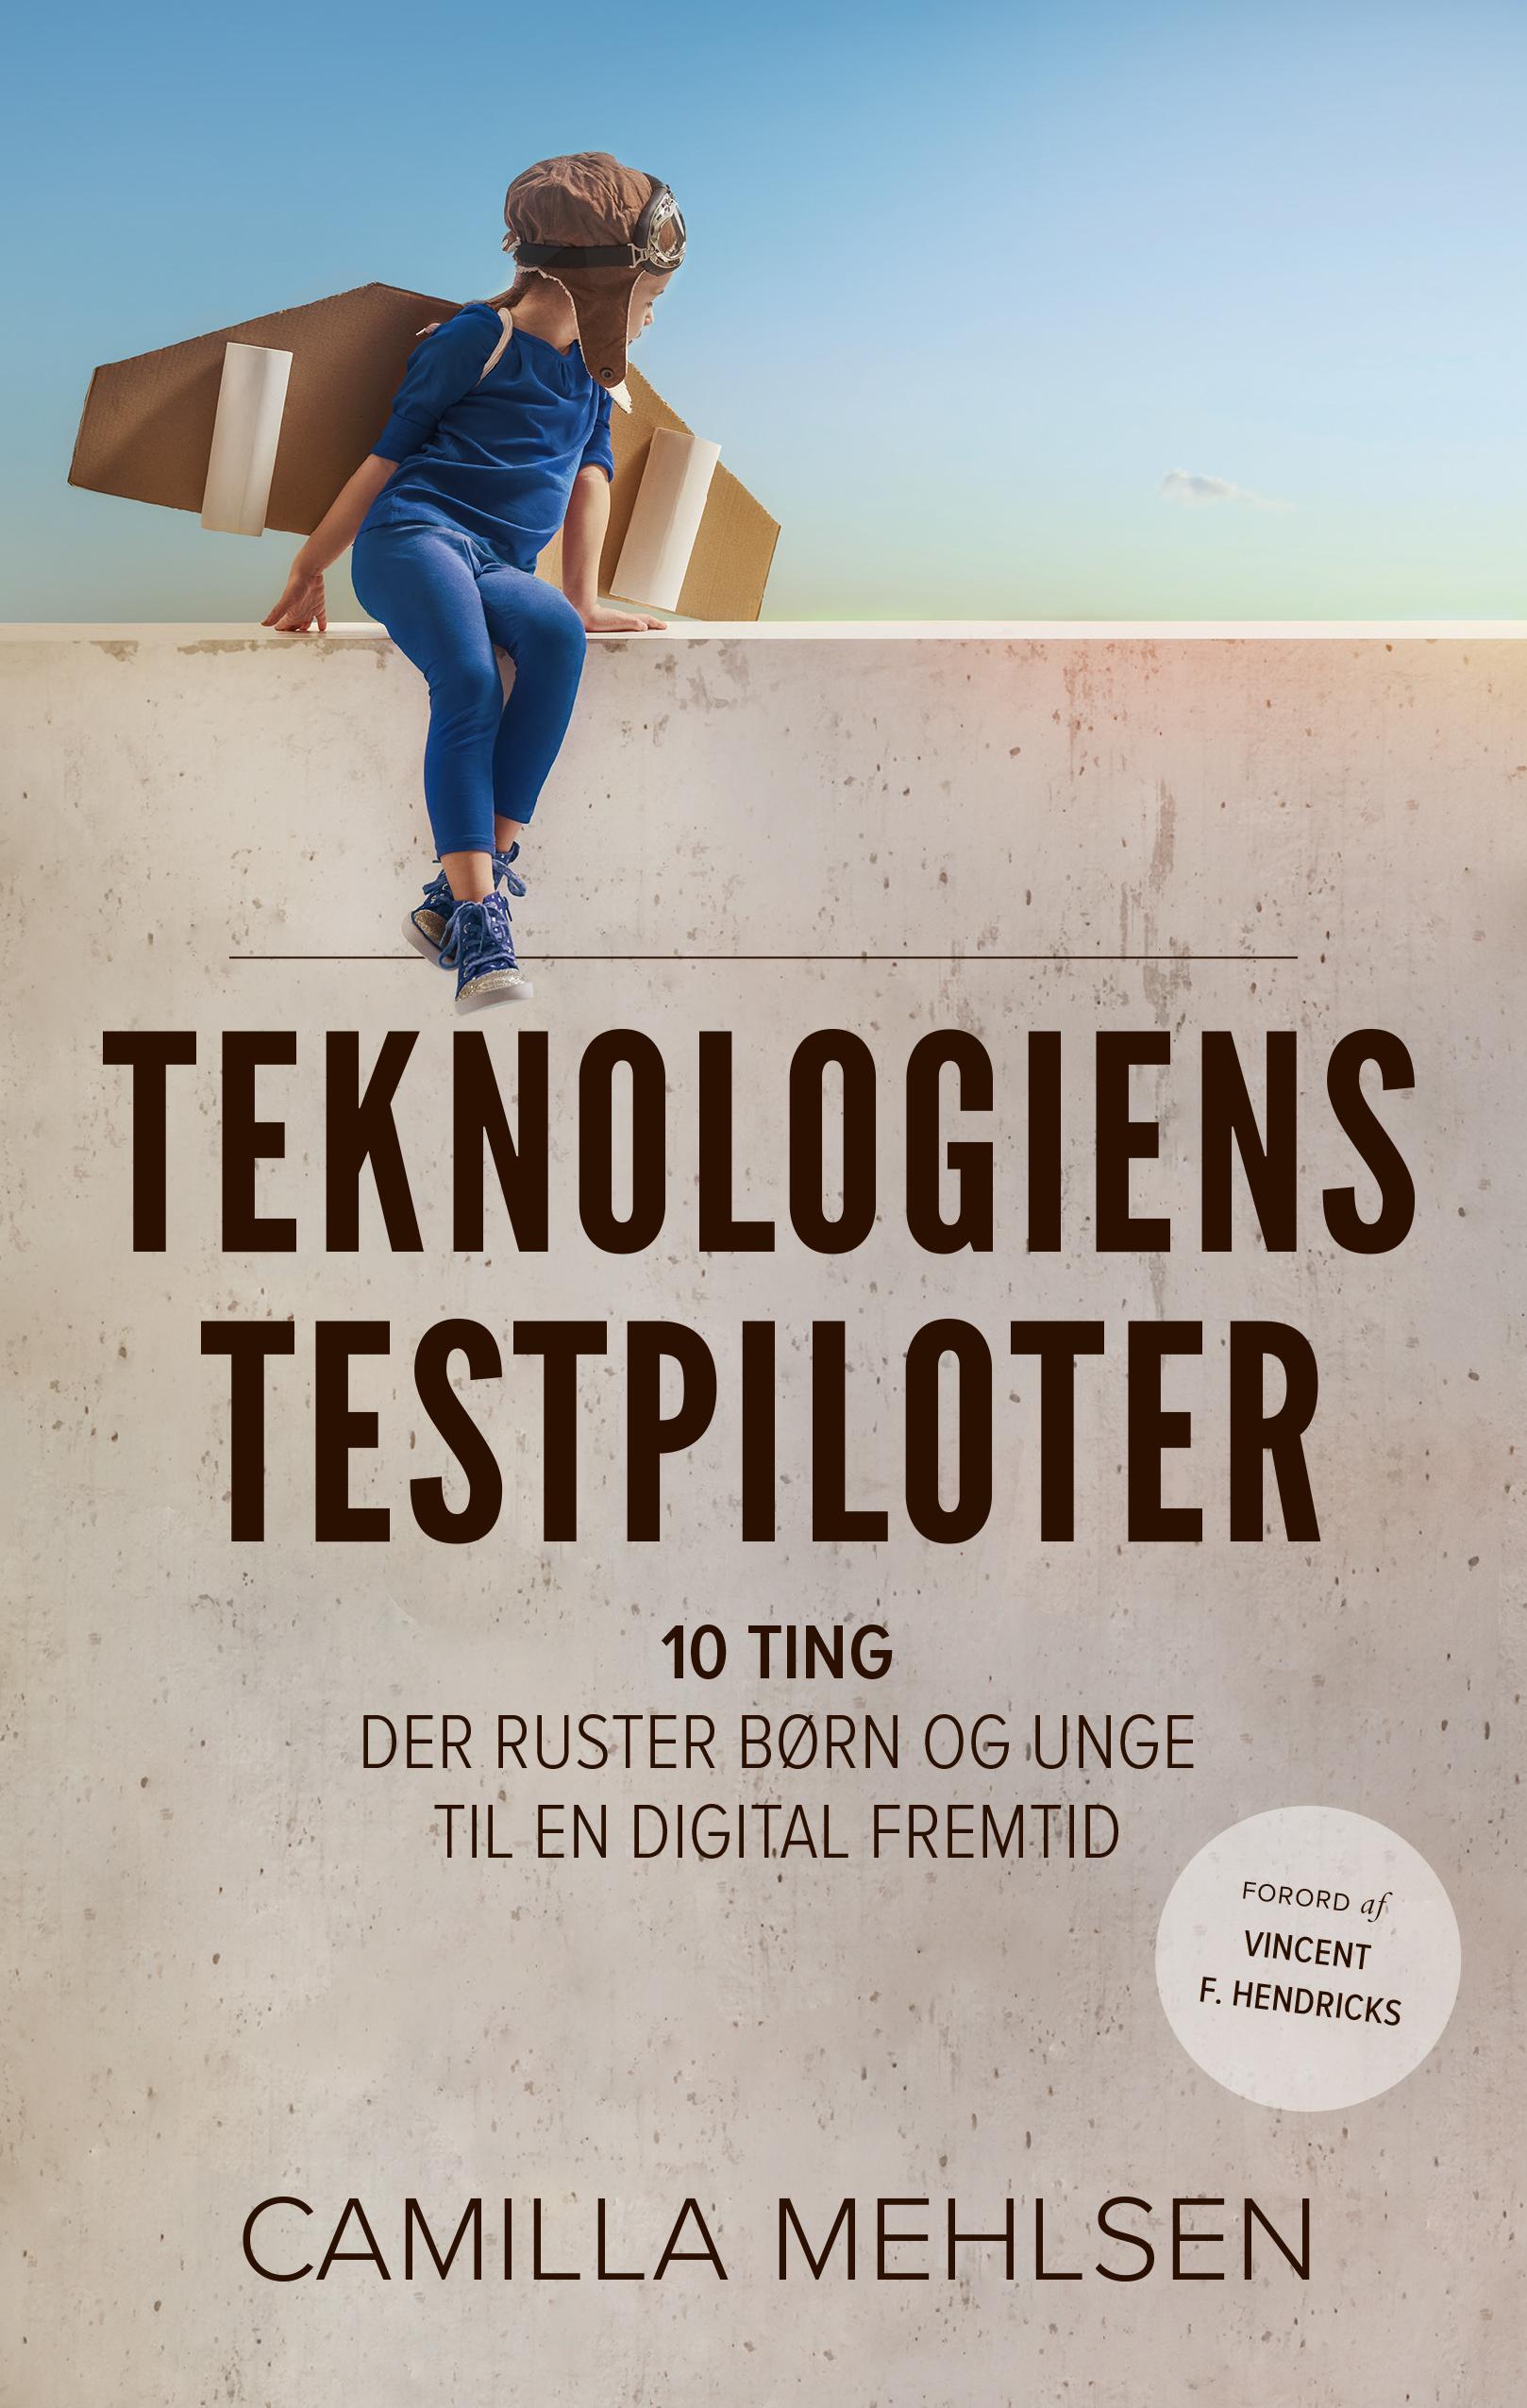 teknologiens testpiloter digital dannelse digital læring, digitale børn, digitale unge